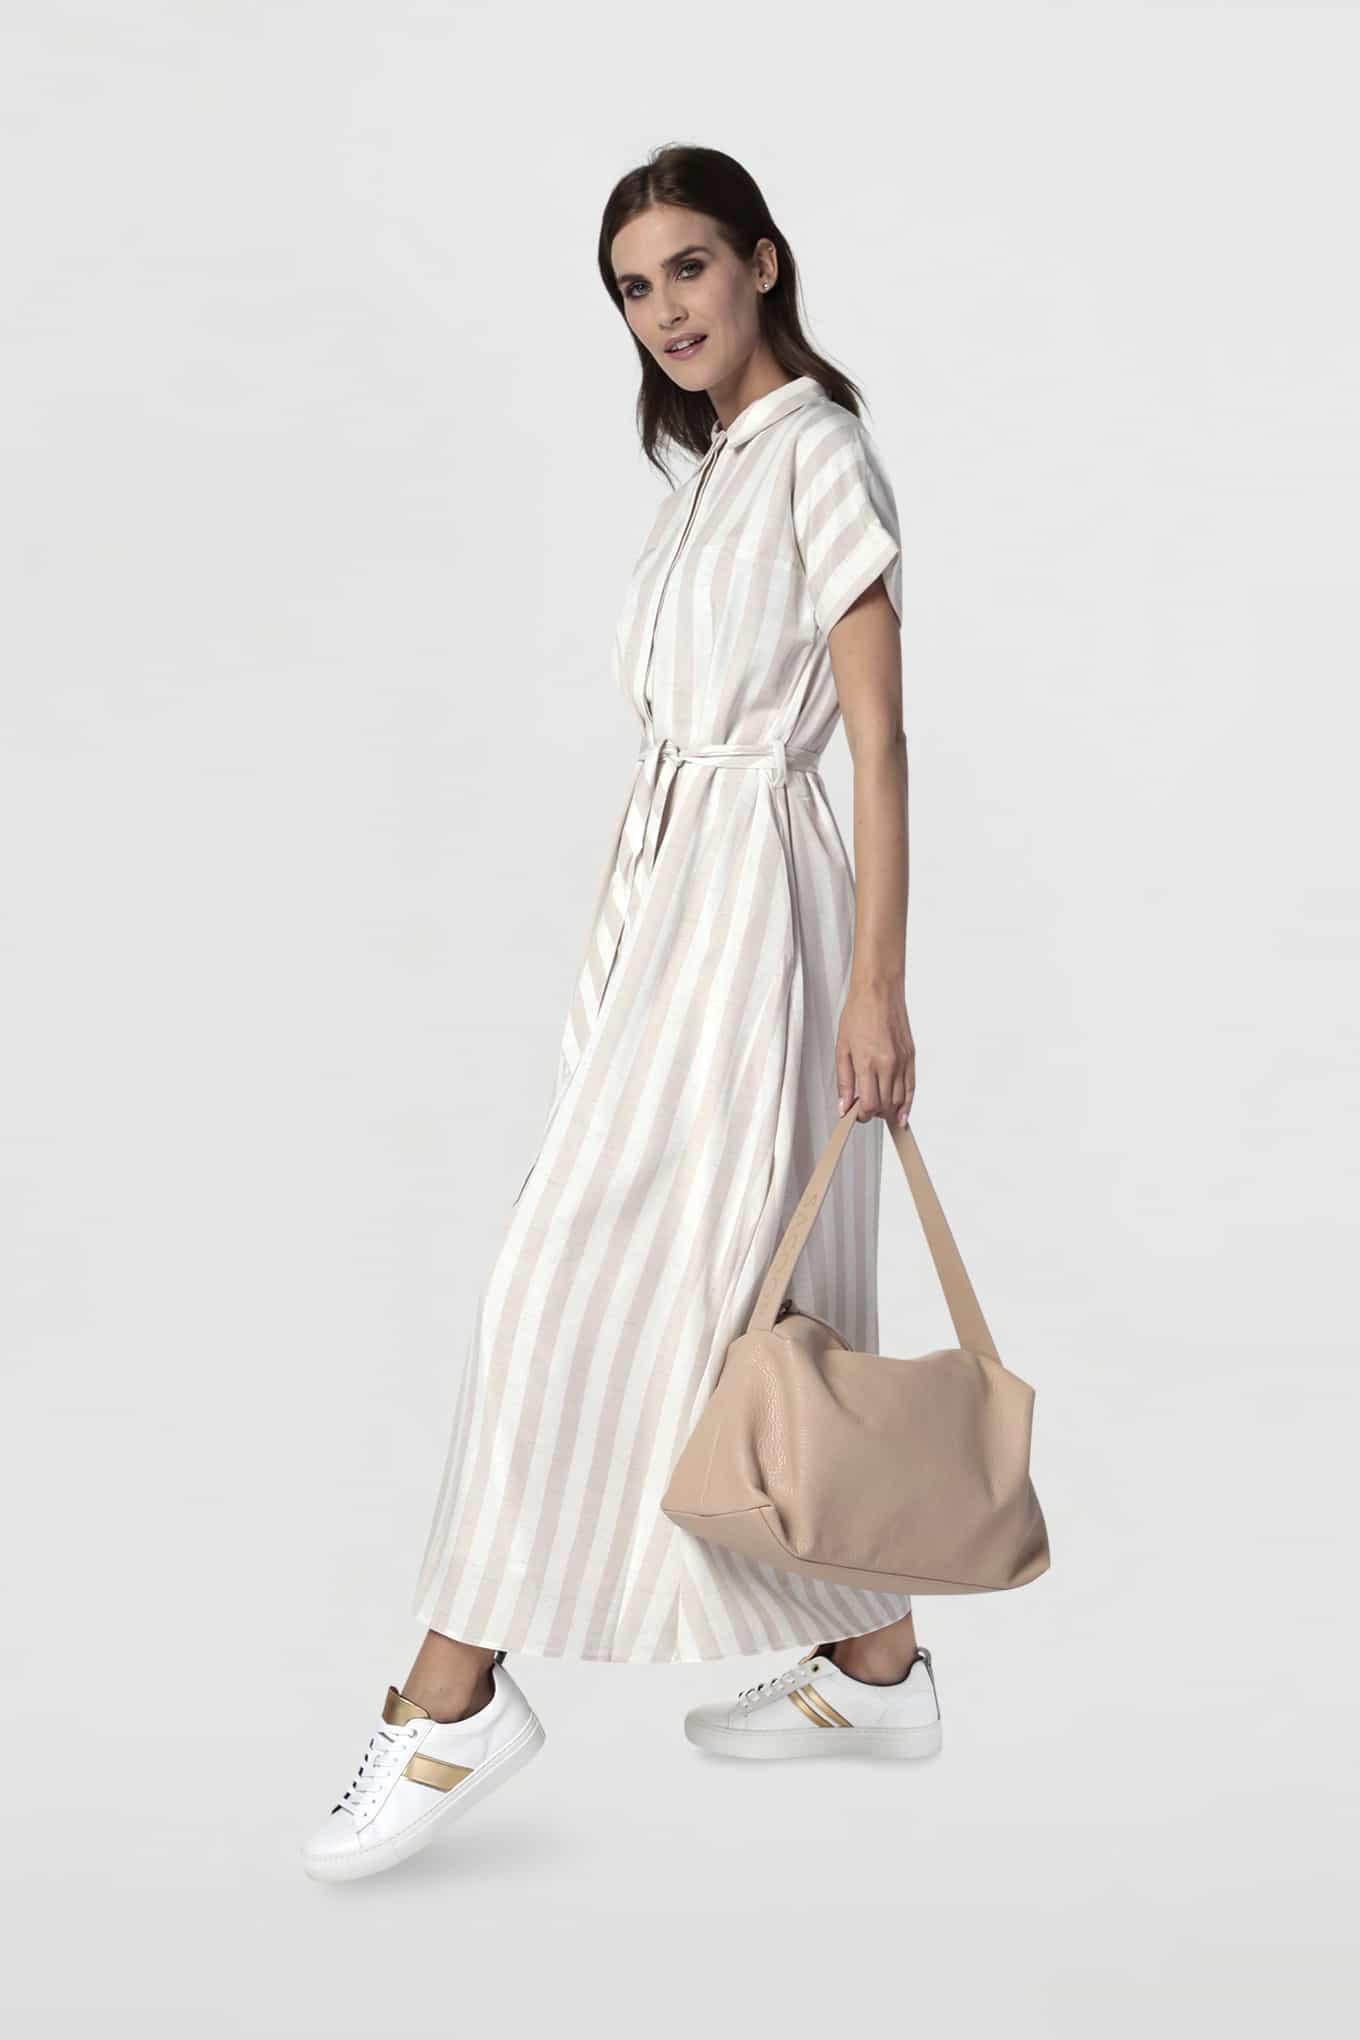 Dress Light Beige Fantasy Woman